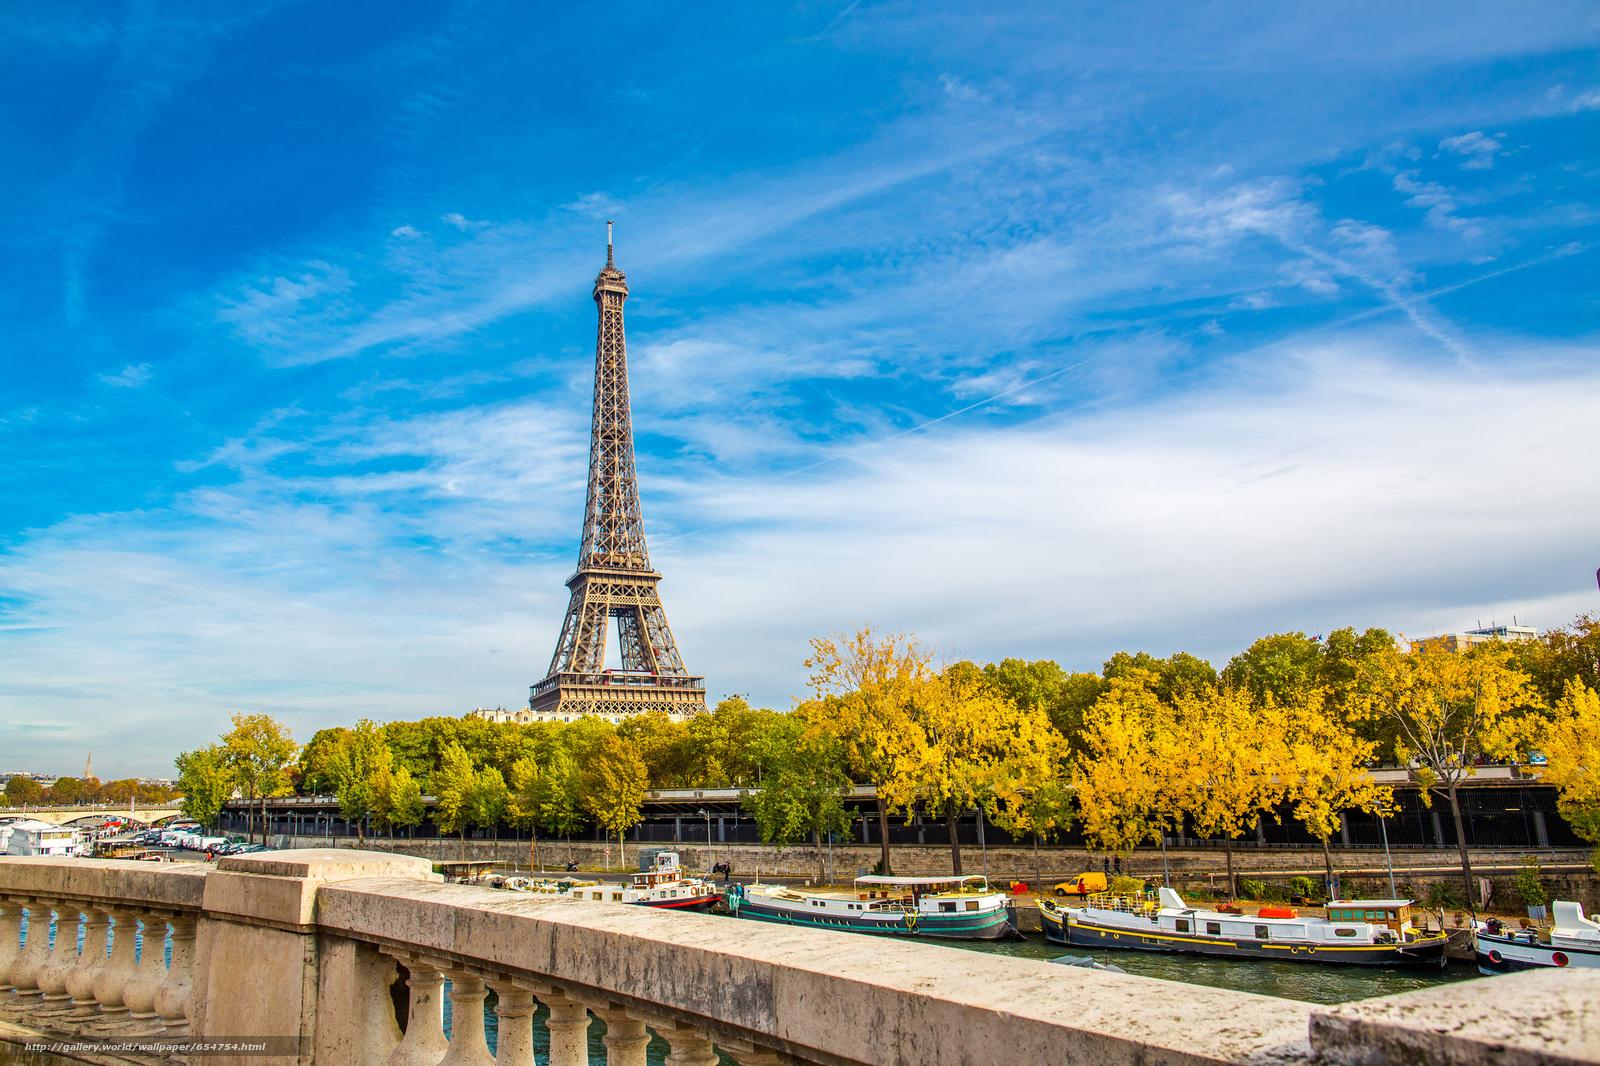 pobra tapety Wieża Eiffla,  Paryż,  Francja,  Wieża Eiffla Darmowe tapety na pulpit rozdzielczoci 2048x1365 — zdjcie №654754